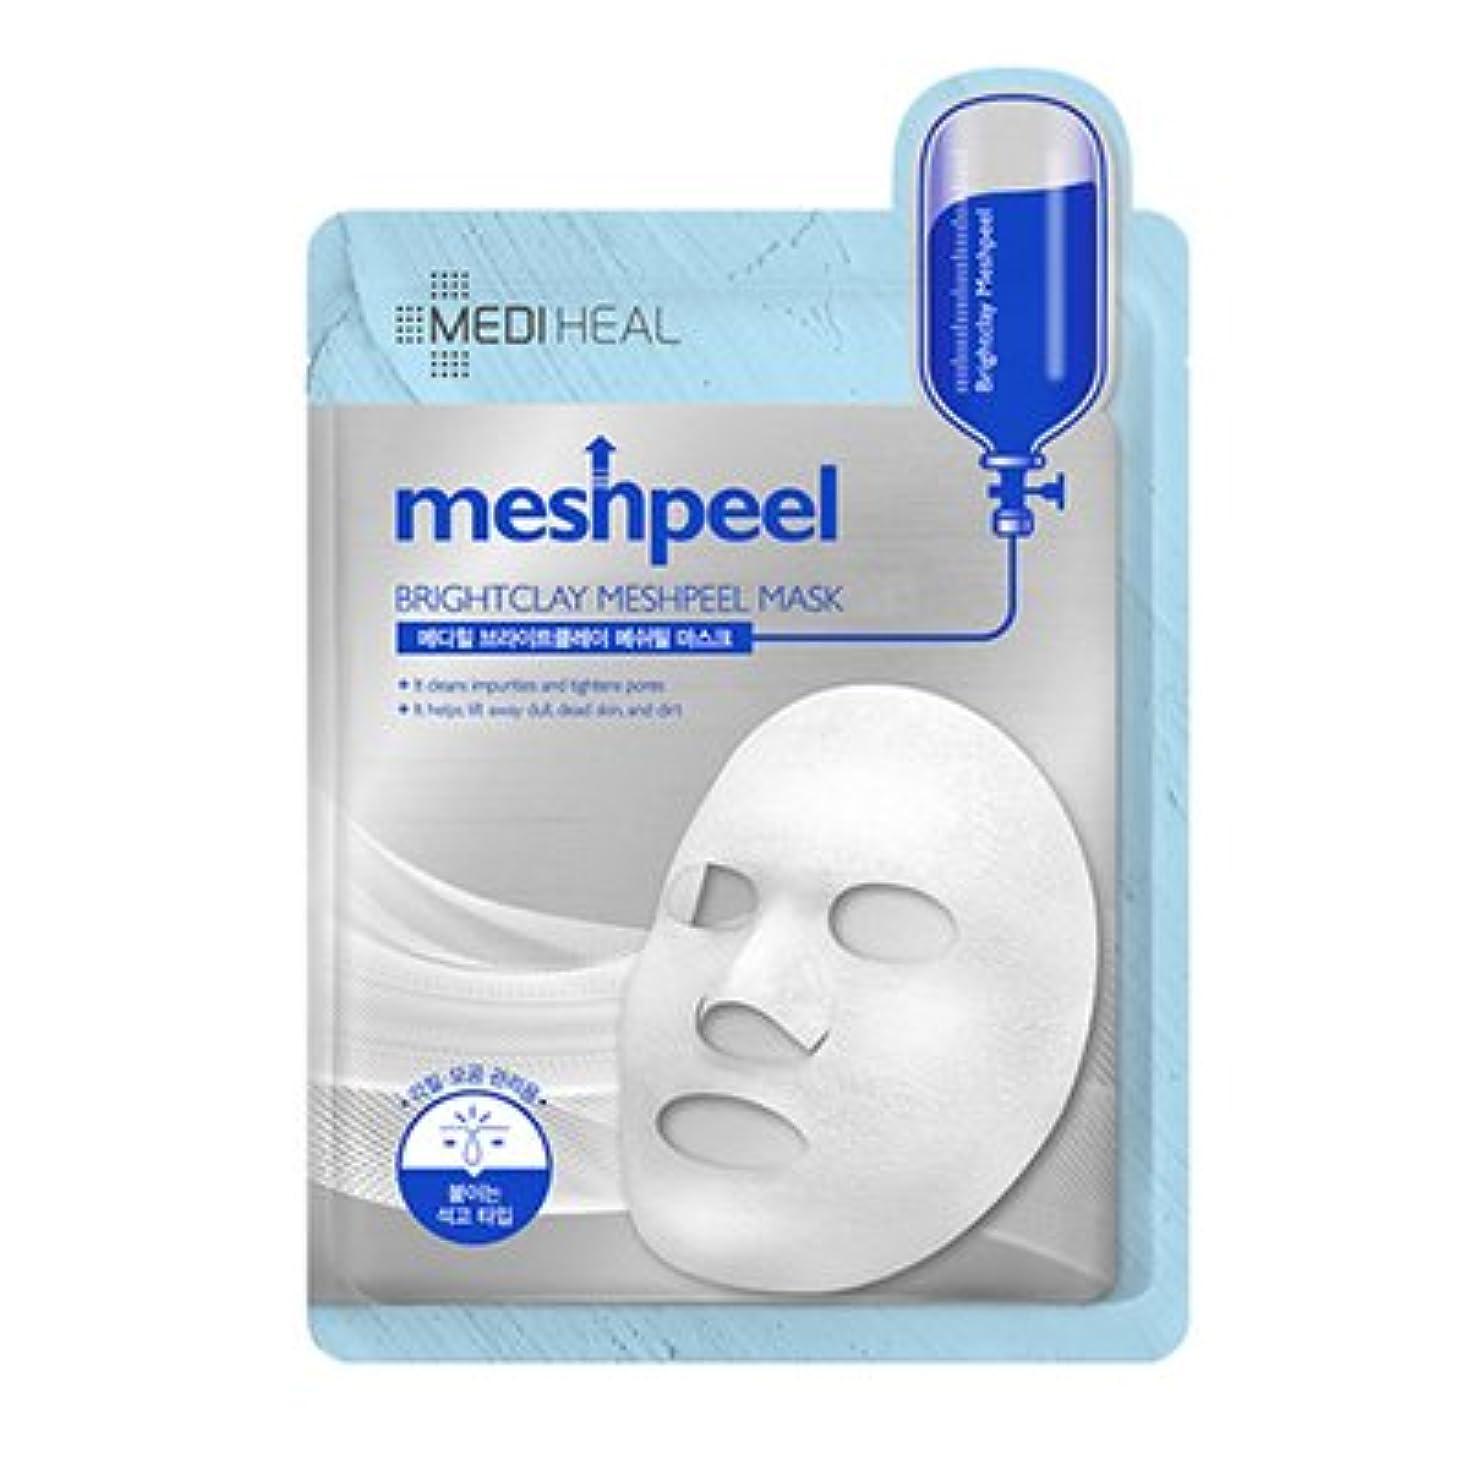 個人ボウル周り[New] MEDIHEAL Brightclay Meshpeel Mask 17g × 10EA/メディヒール ブライト クレイ メッシュ ピール マスク 17g × 10枚